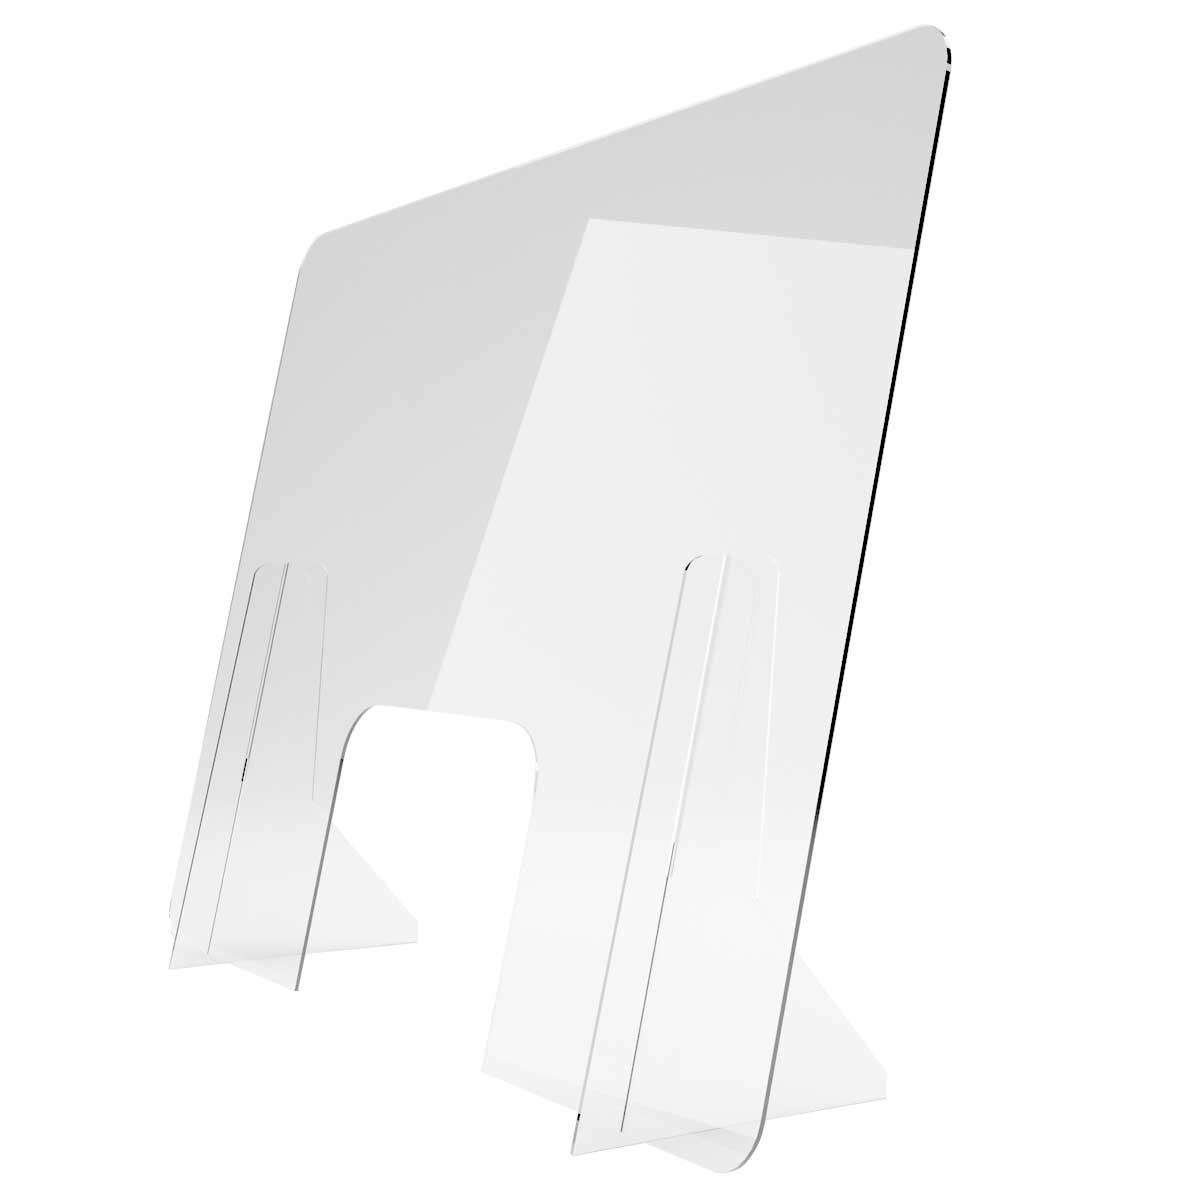 Protecție plexiglas, demontabilă, pentru casieri, JJ DISPLAYS, dimensiuni la cerere